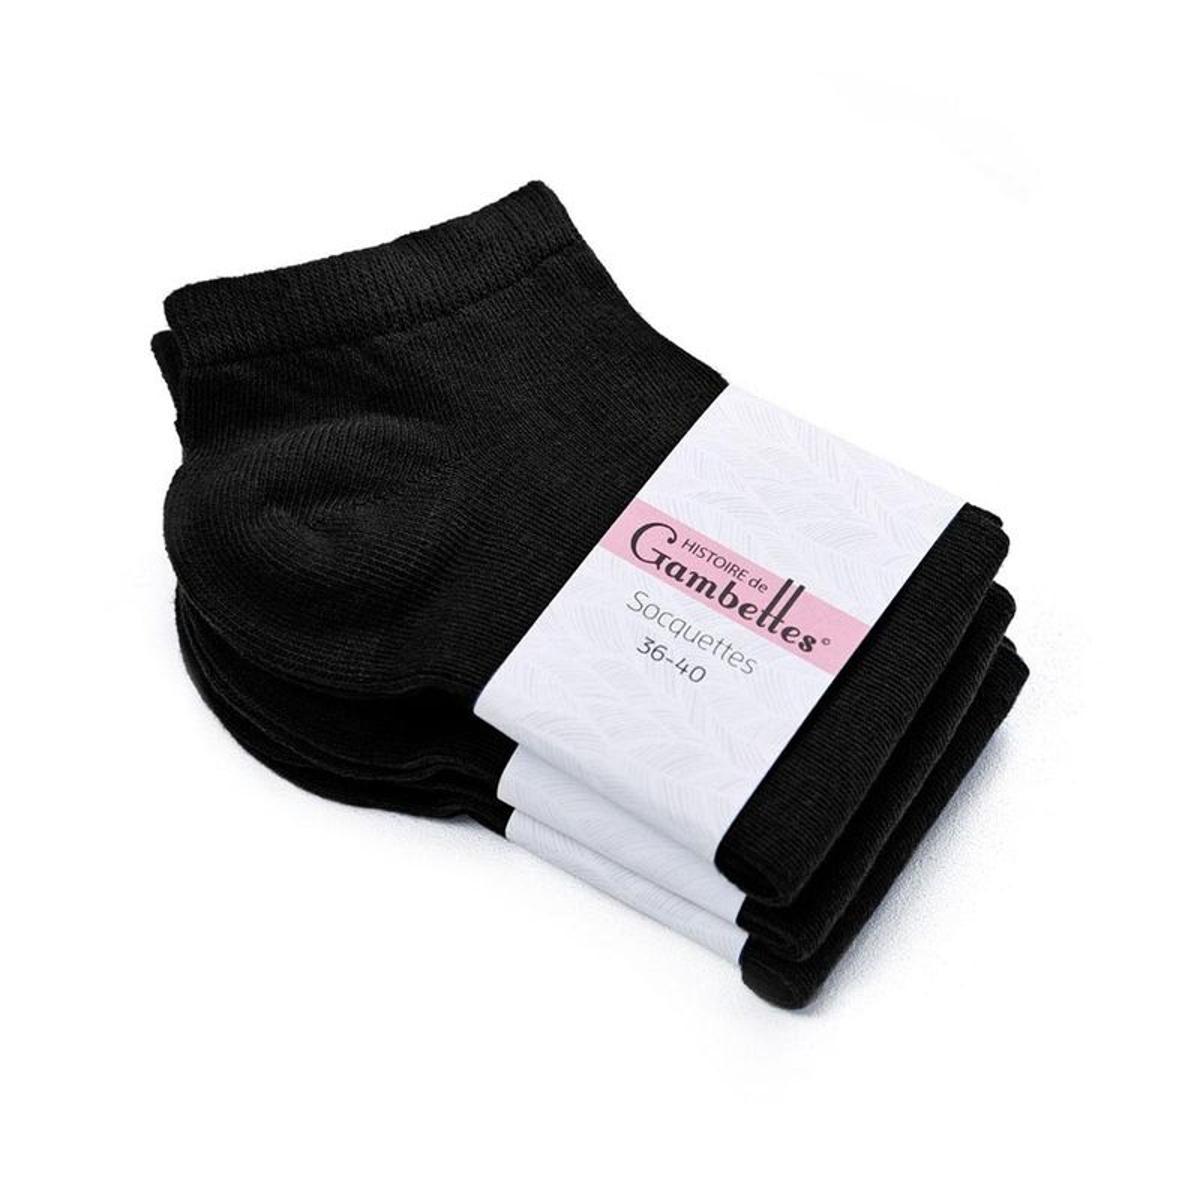 Socquettes coton  Lot 3 paires - Fabriqué en europe